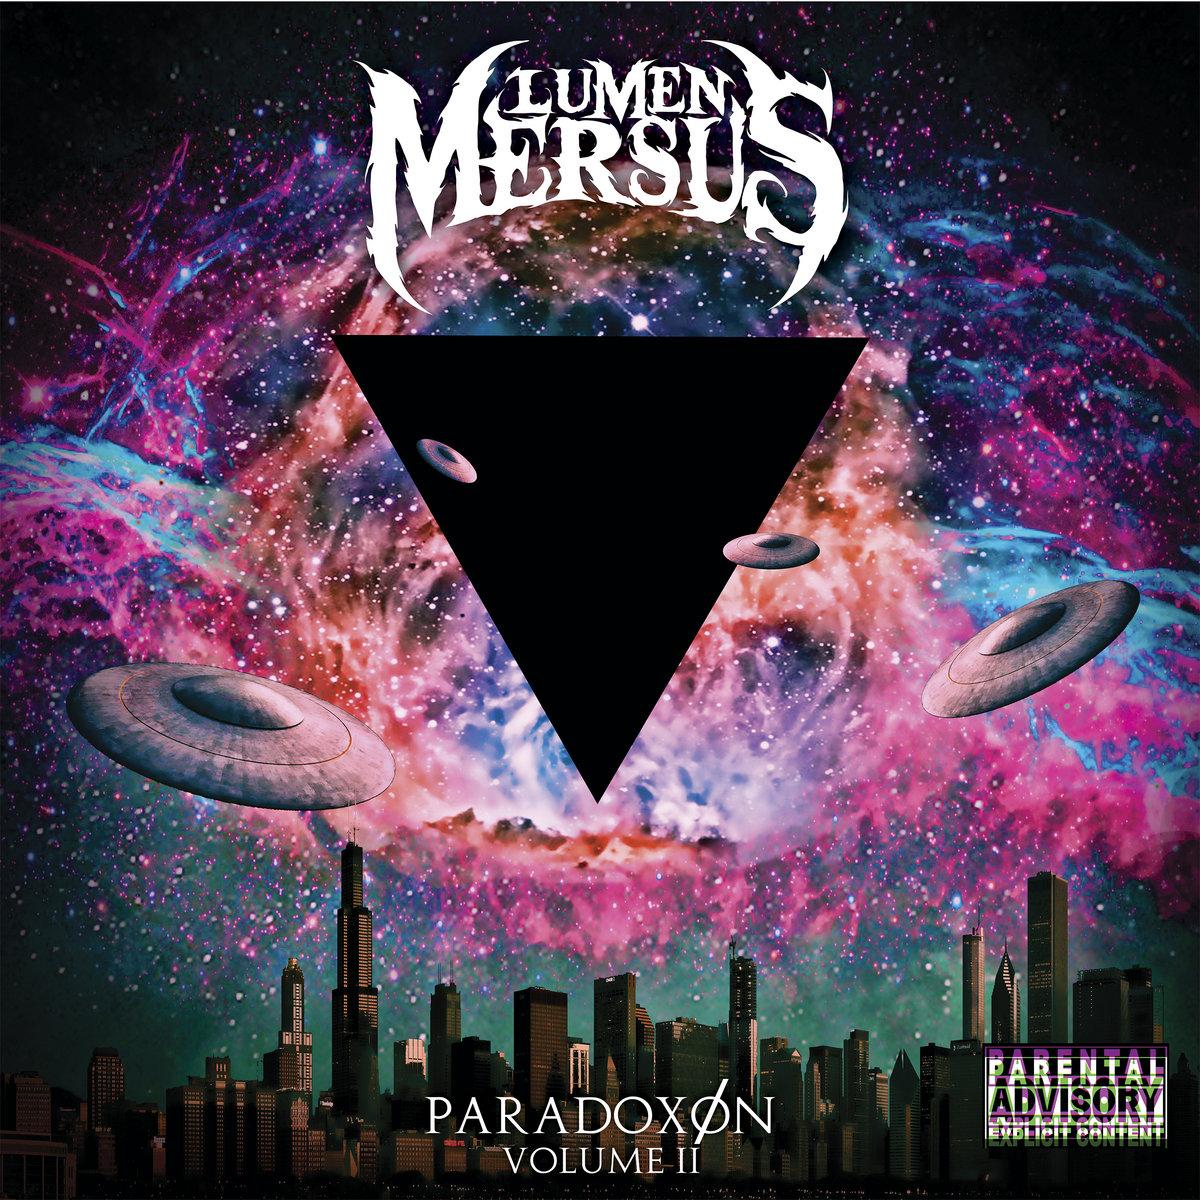 Lumen Mersus -Paradoxon: Volume II (2018)